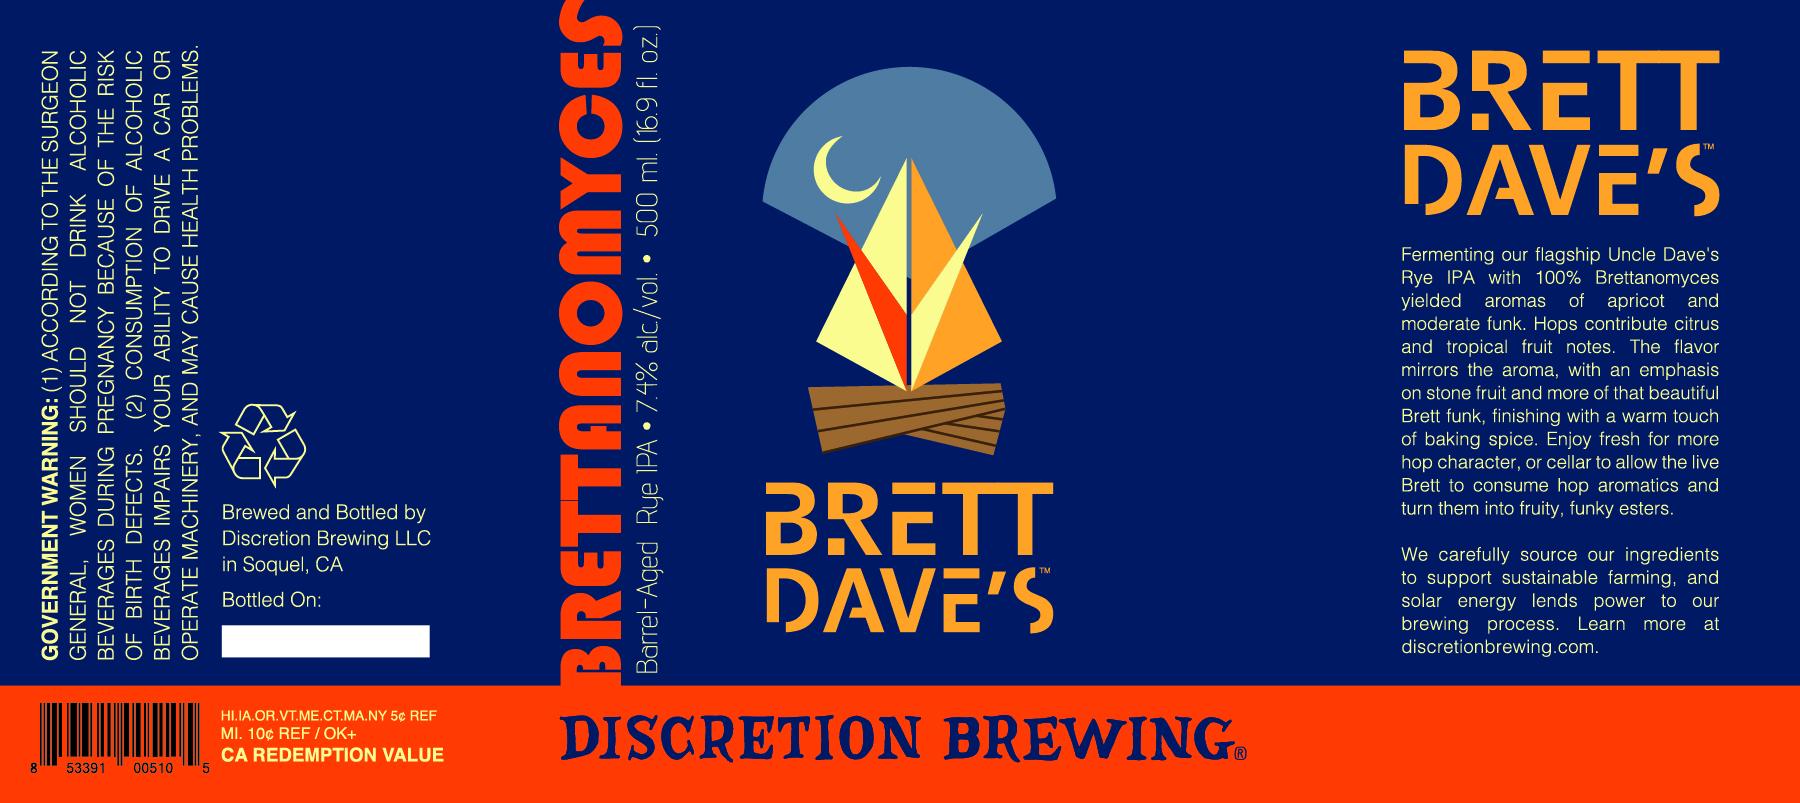 Brett Dave's, Brettanomyces Series